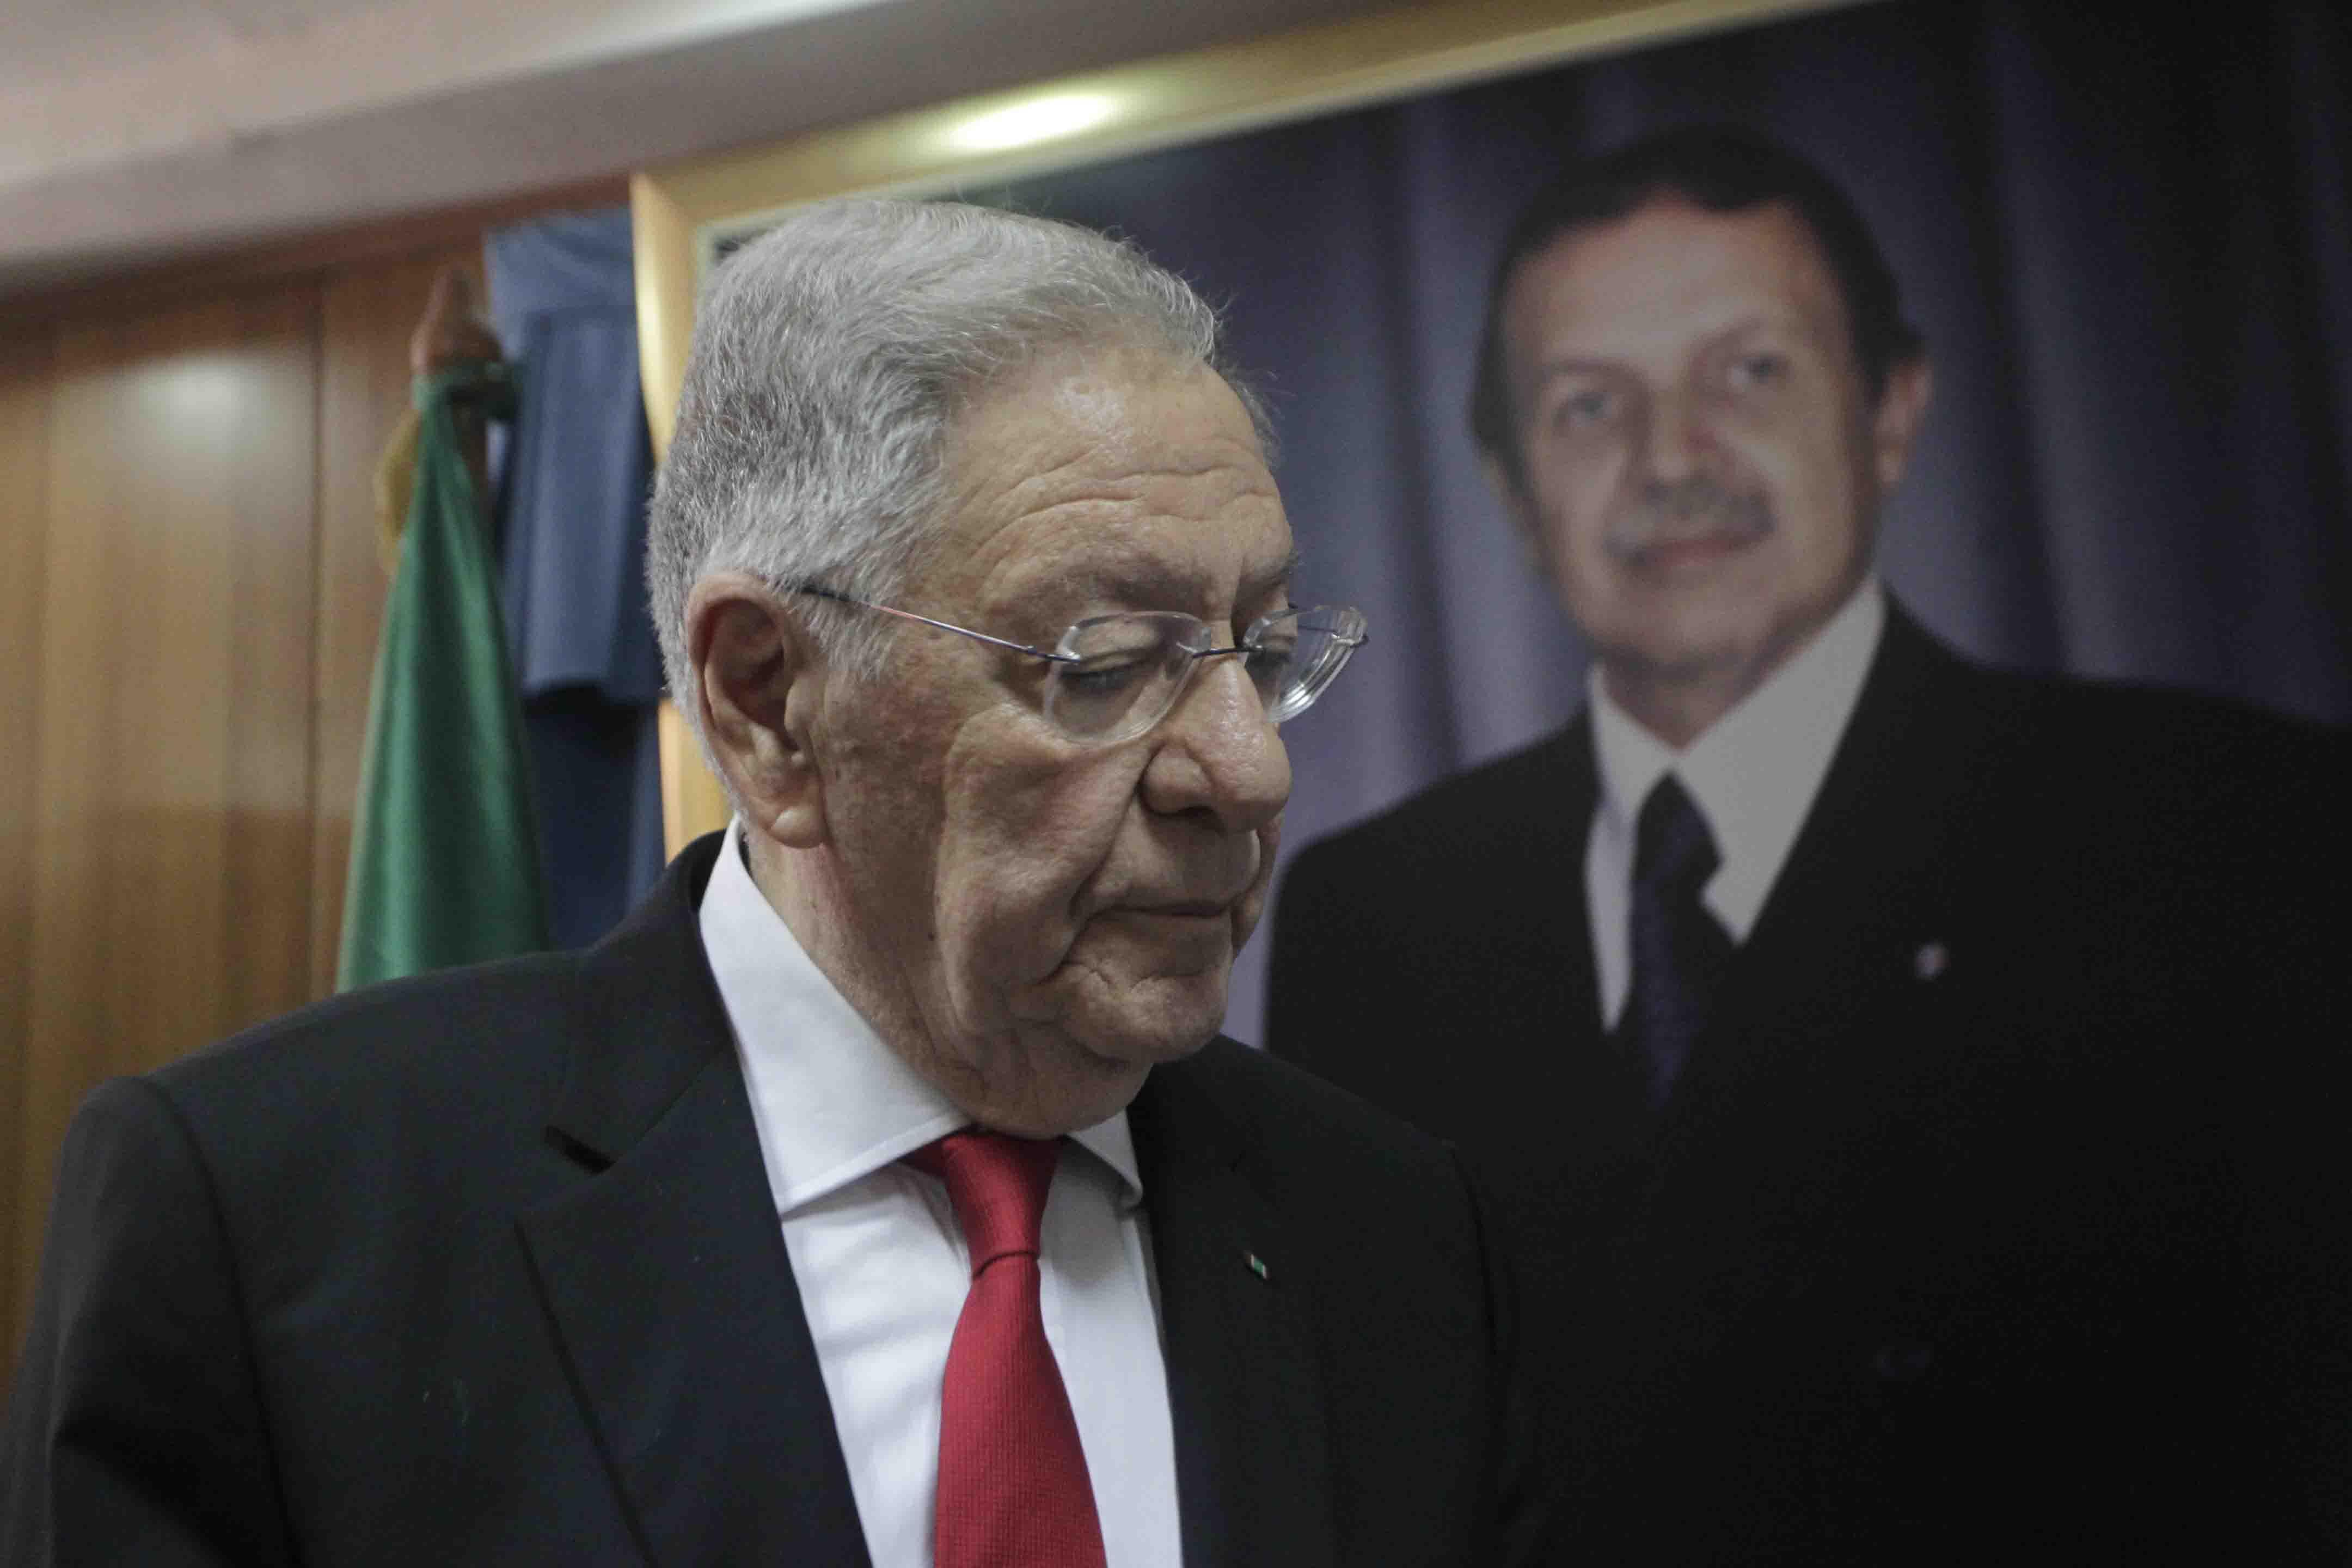 جمال ولد عباس: الأمين العام لحزب جبهة التحرير الوطني الحاكم بالجزائر.